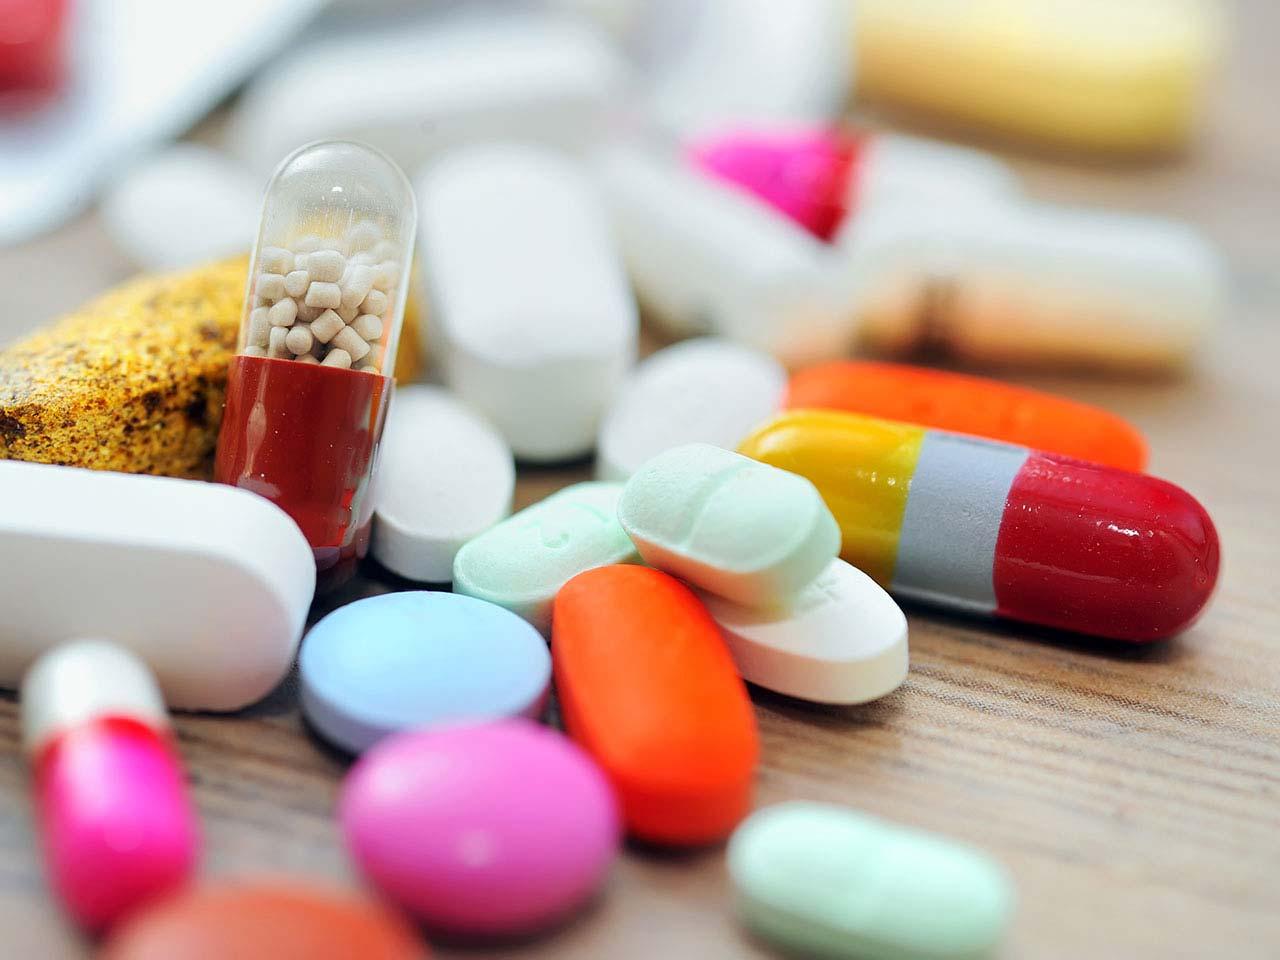 thuốc debridat là thuốc gì